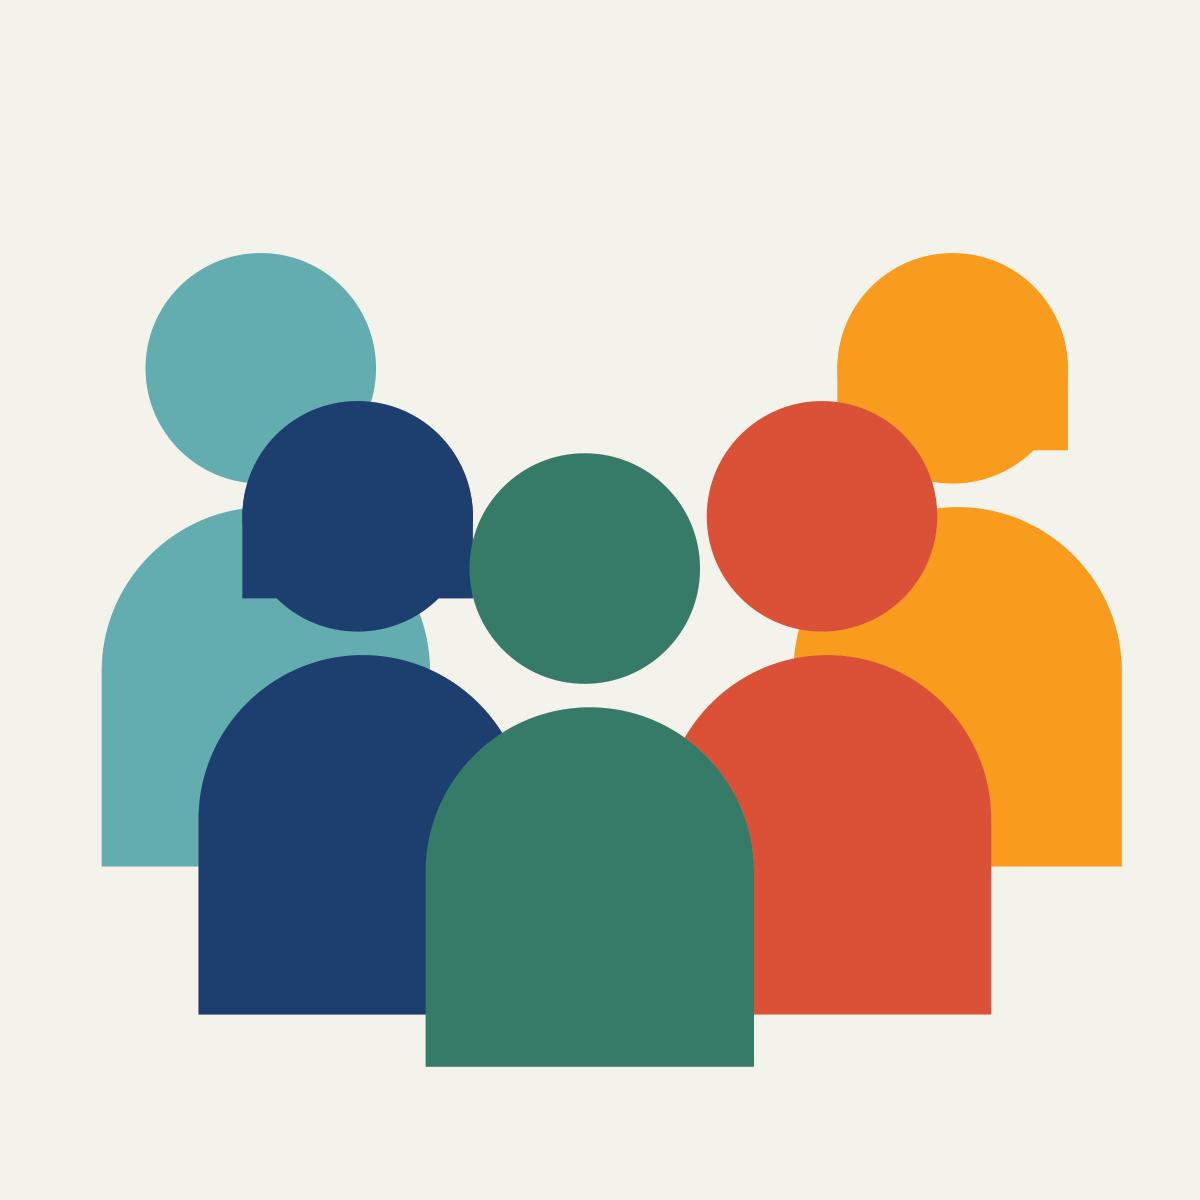 Managing an Agile Team